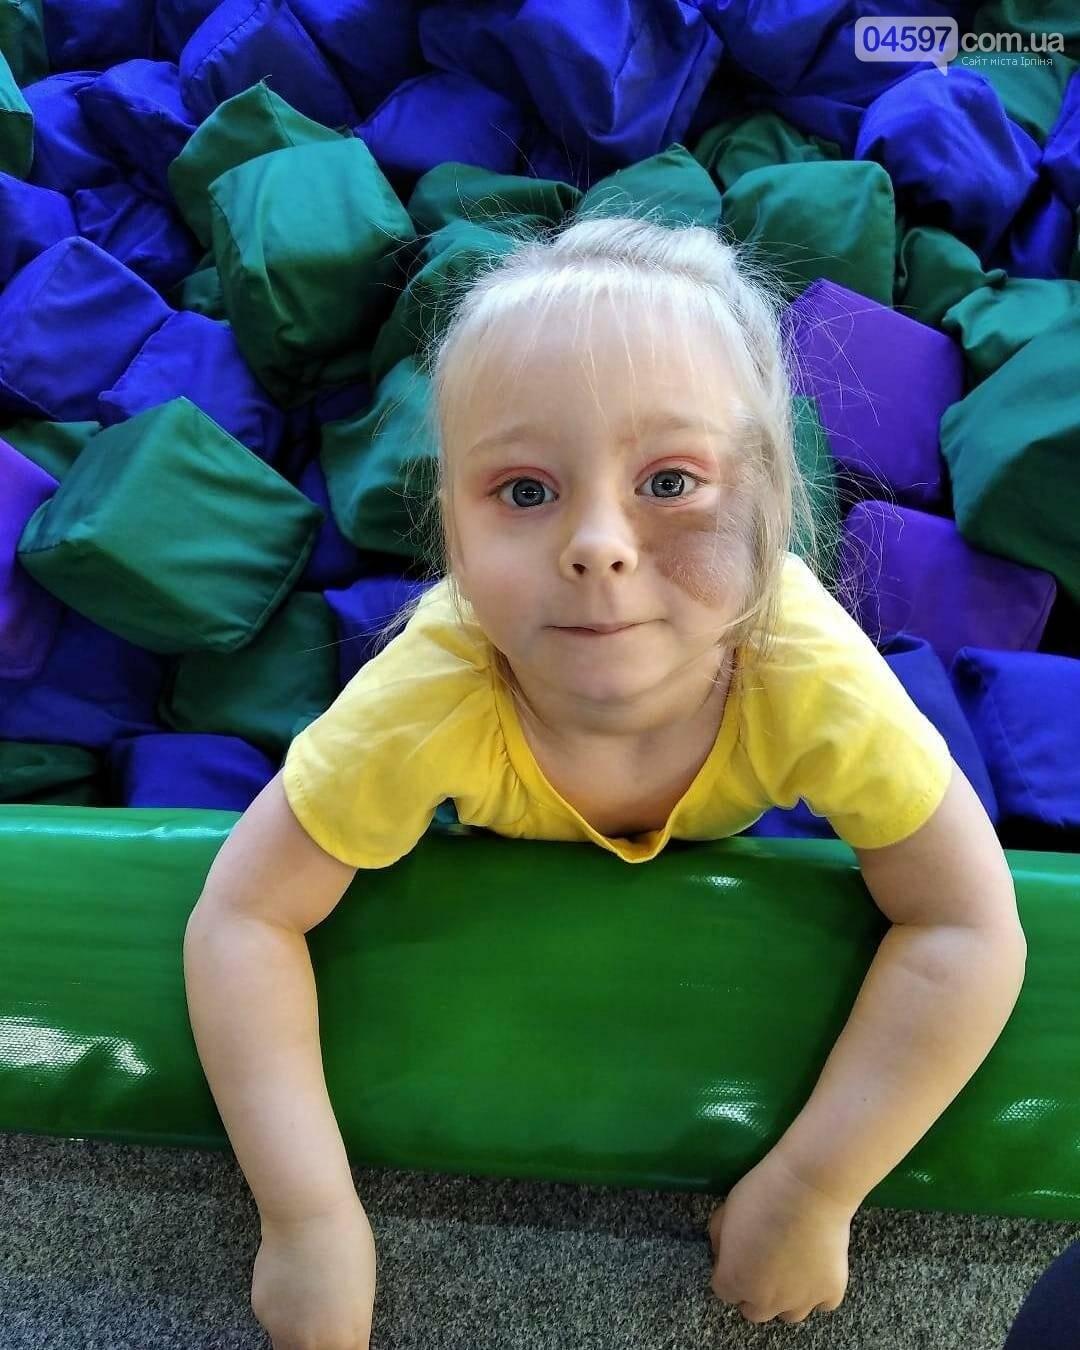 Врятуймо життя дитини: в Ірпені проведуть благодійний збір коштів для 4-річної Мілани, фото-2